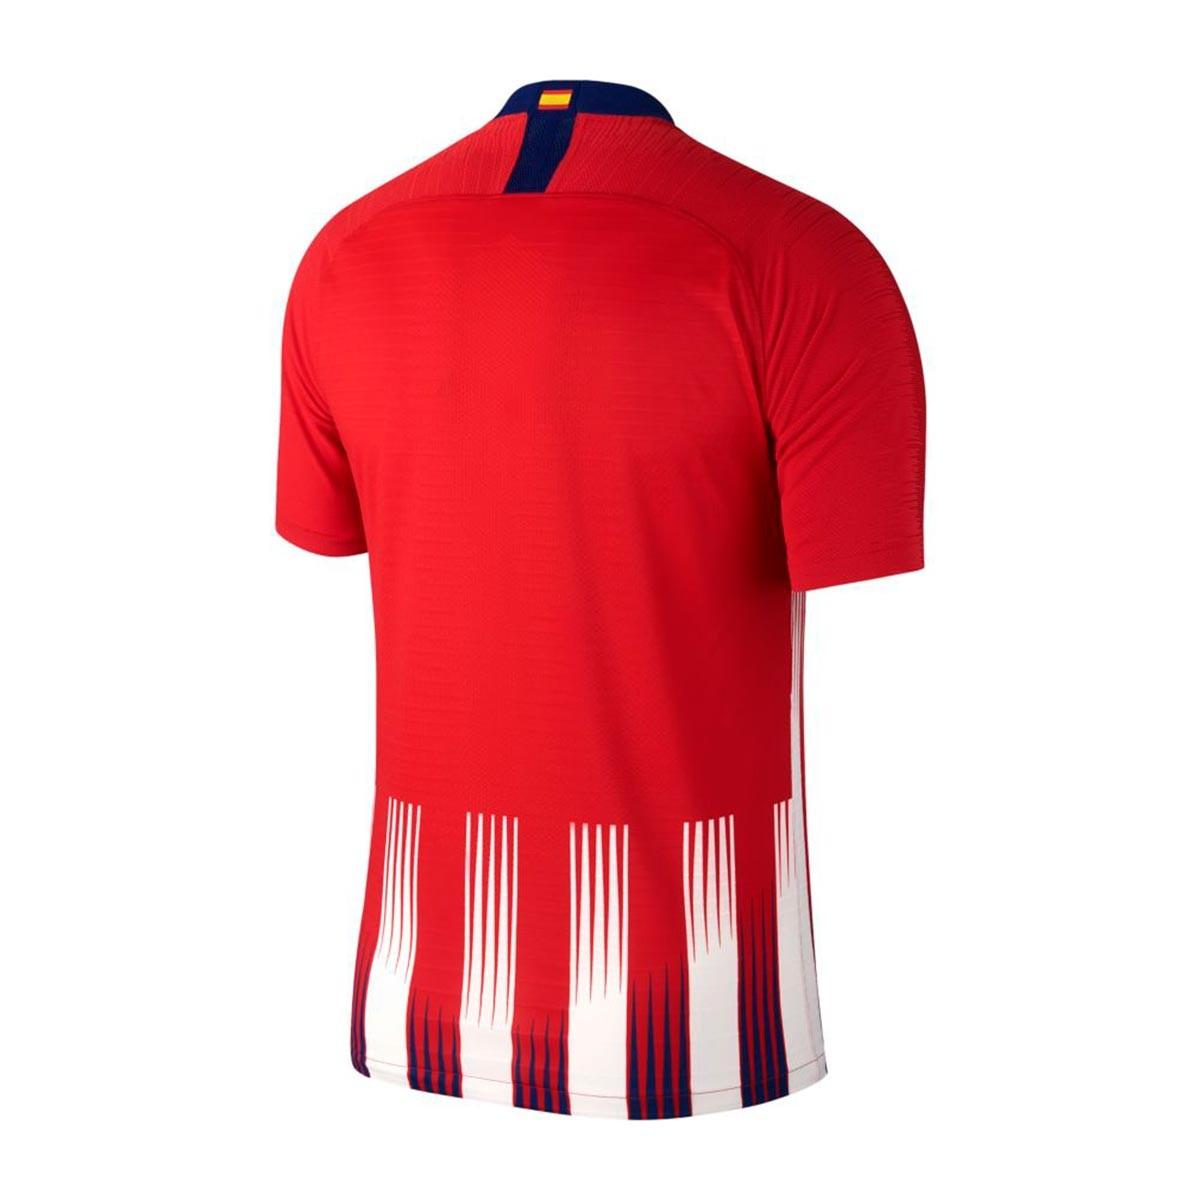 616afbd7c5c03 Camiseta Nike Atlético de Madrid Vapor Primera Equipación 2018-2019 Sport  red-White-Deep royal blue - Tienda de fútbol Fútbol Emotion